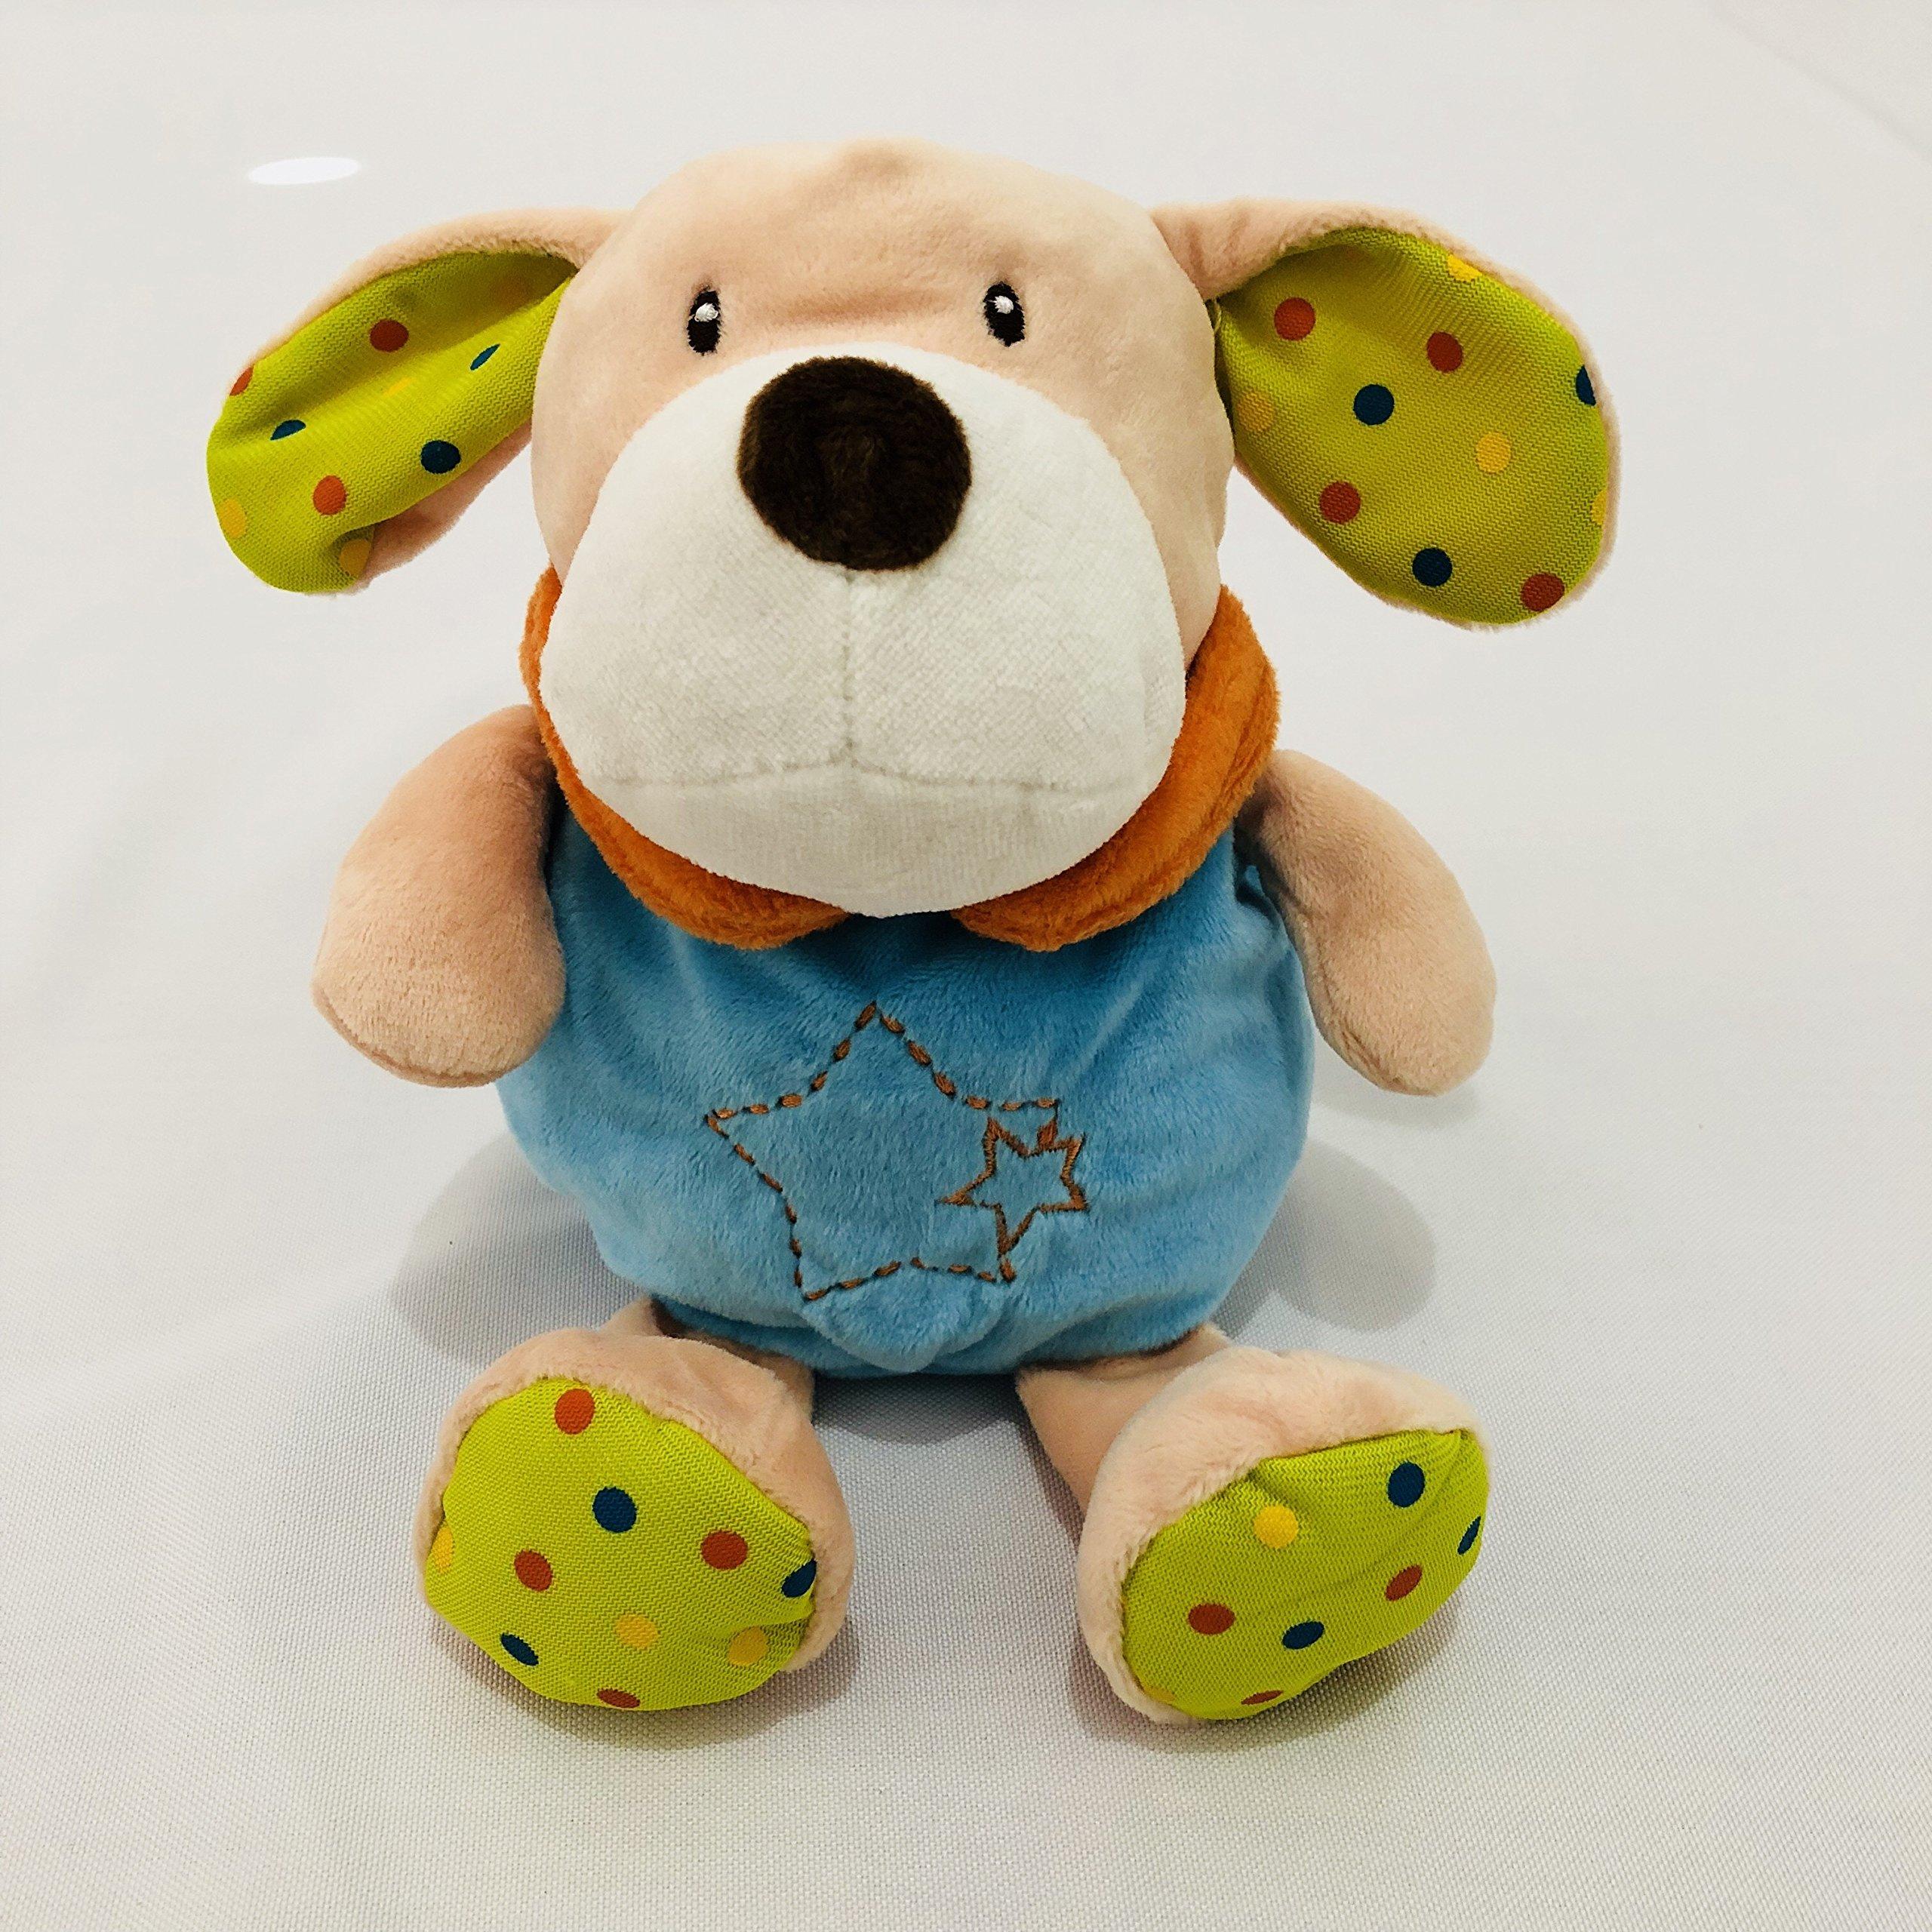 SEALOVESFLOWER Zipper Brown Dog Design Animal And Cartoon Styles Baby Bottle Huggers,Infant Bottle Cover,Toddler's Bottle Bag,Baby Milk Bottle Plush Bag (Dog)